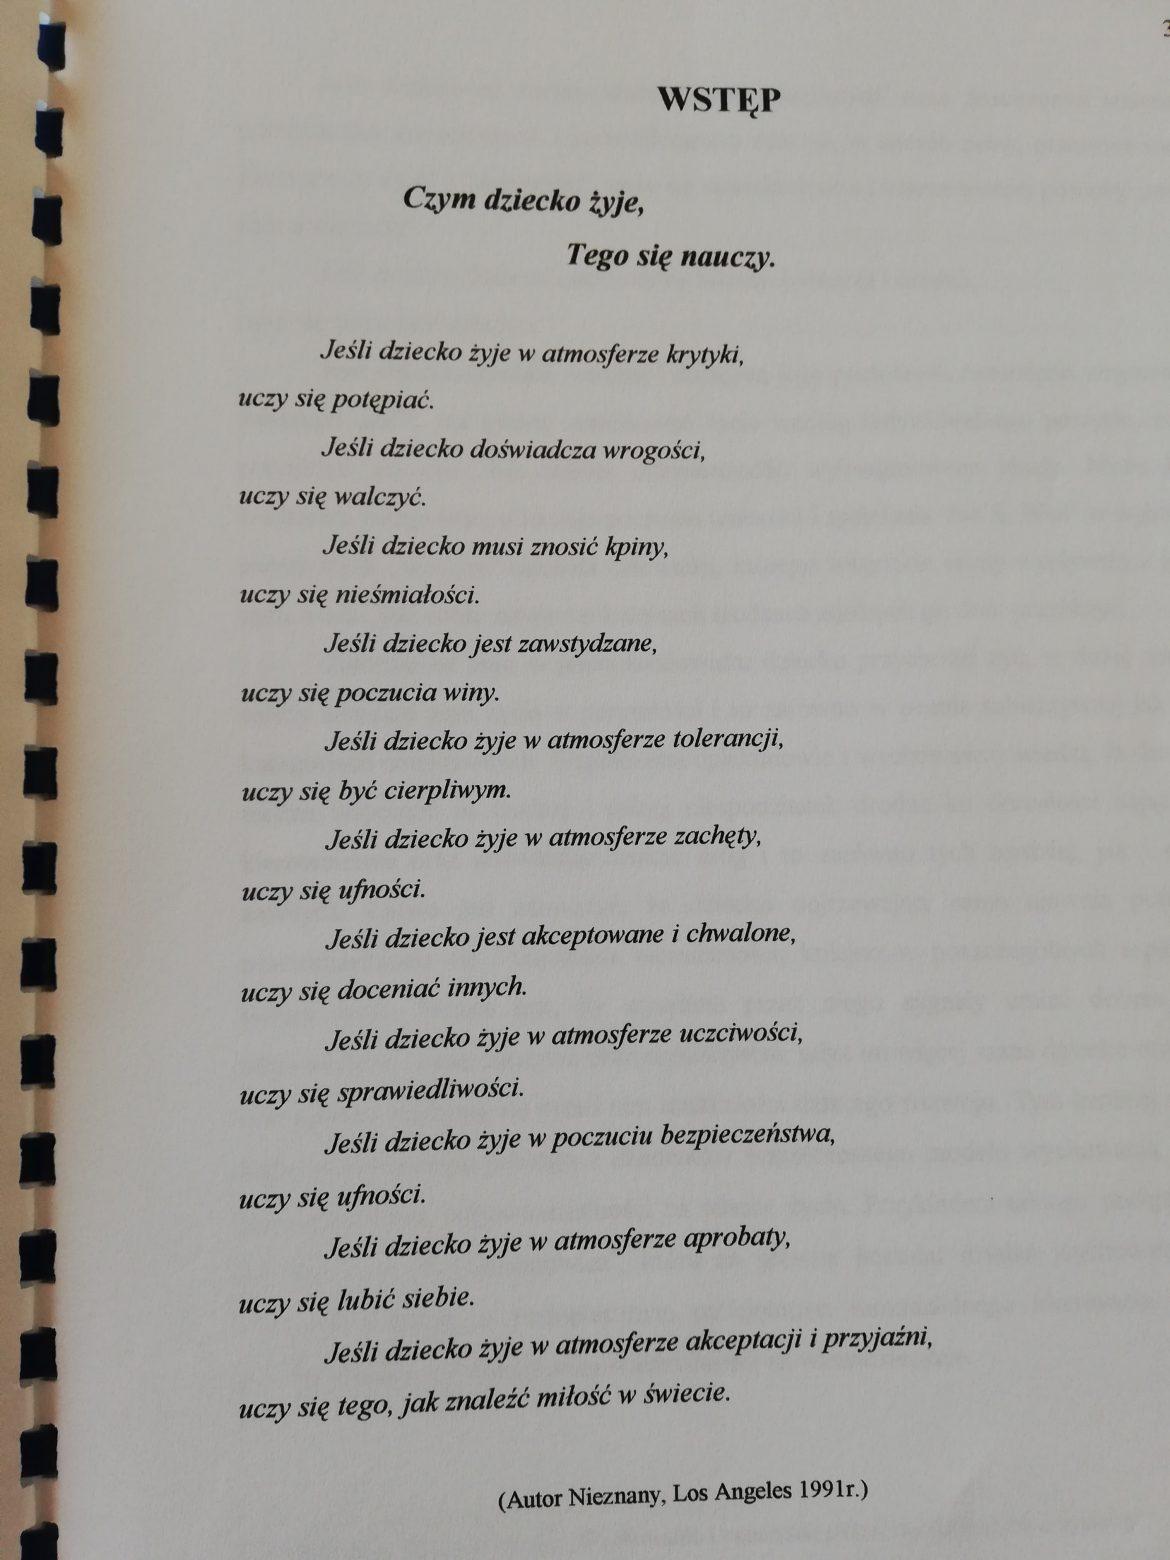 Uniwersytet im. Adama Mickiewicza w Poznaniu